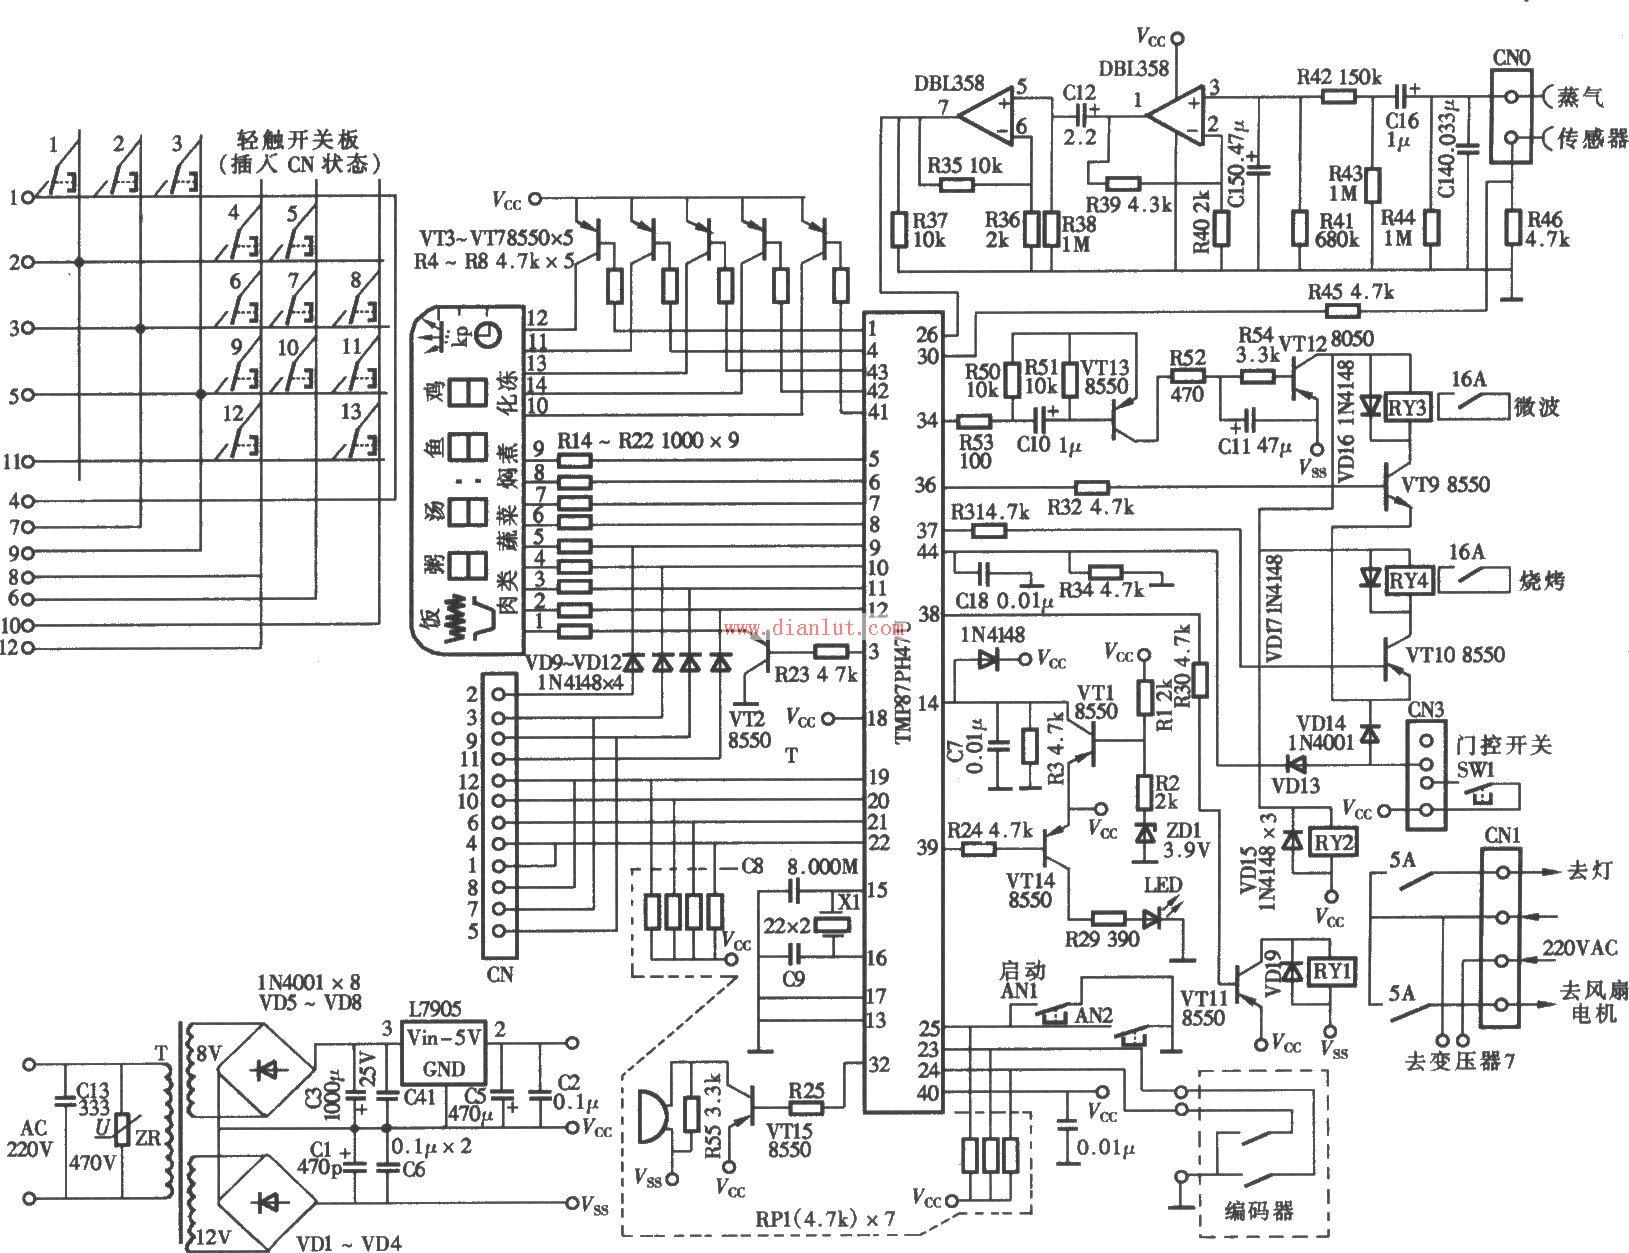 安宝路wd850es电脑式微波炉电脑控制电路原理图